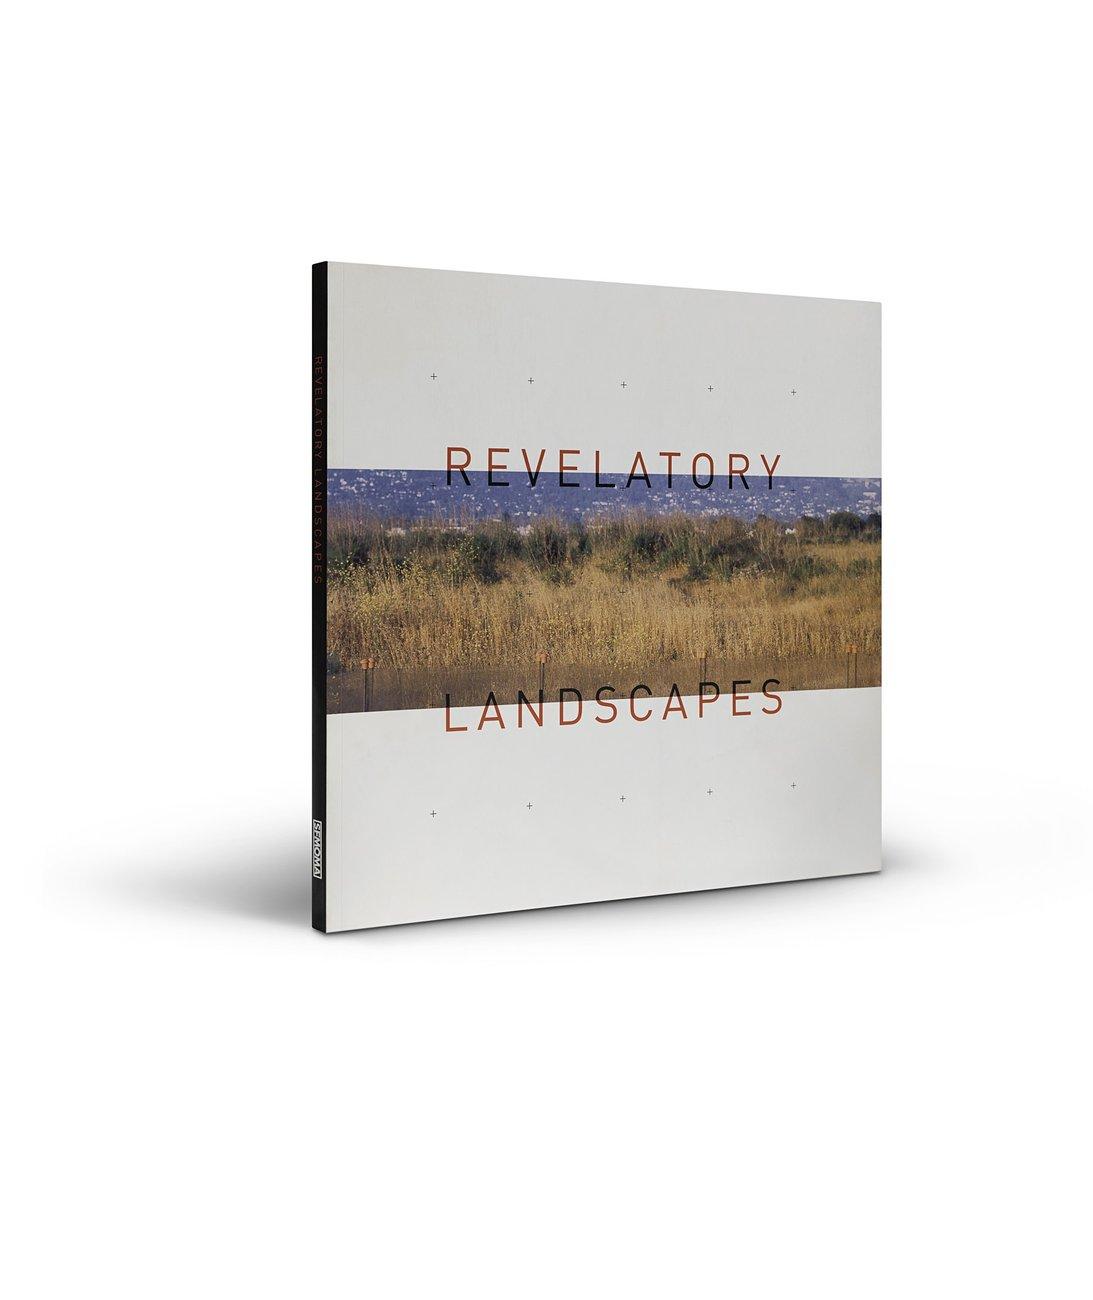 Revelatory Landscapes publication cover